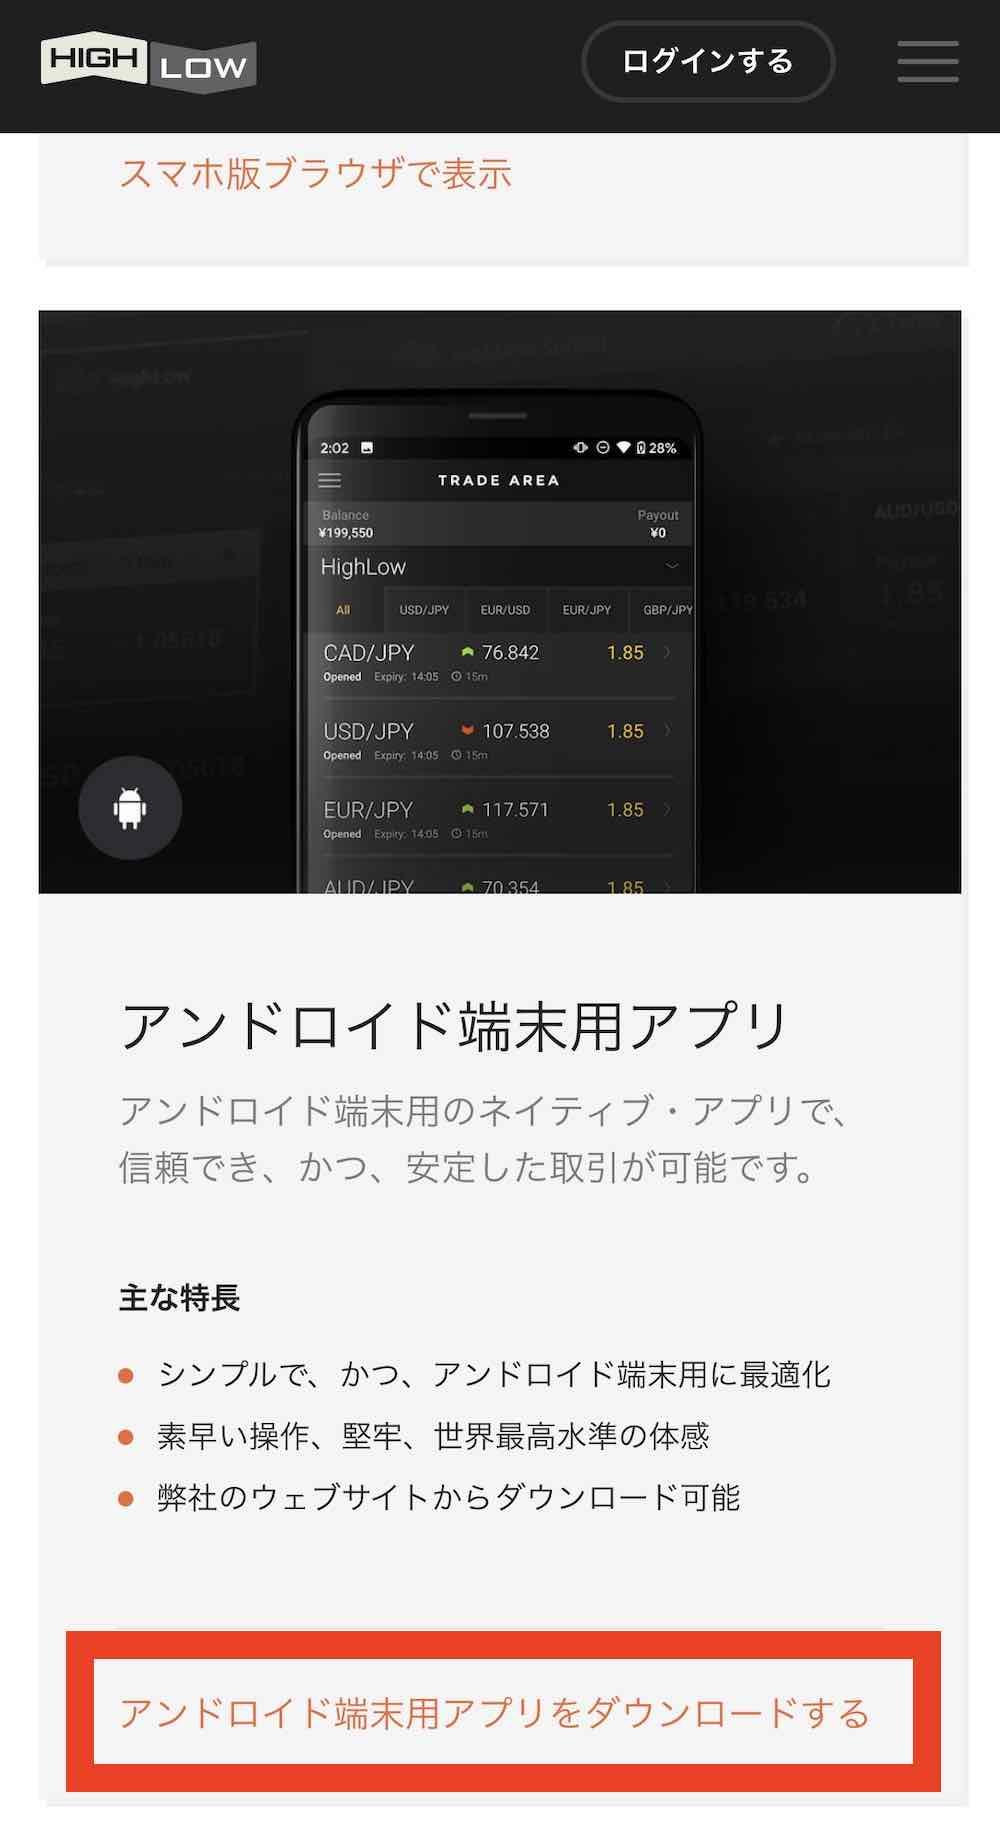 ハイローオーストラリアのAndroid版アプリをダウンロードする方法6